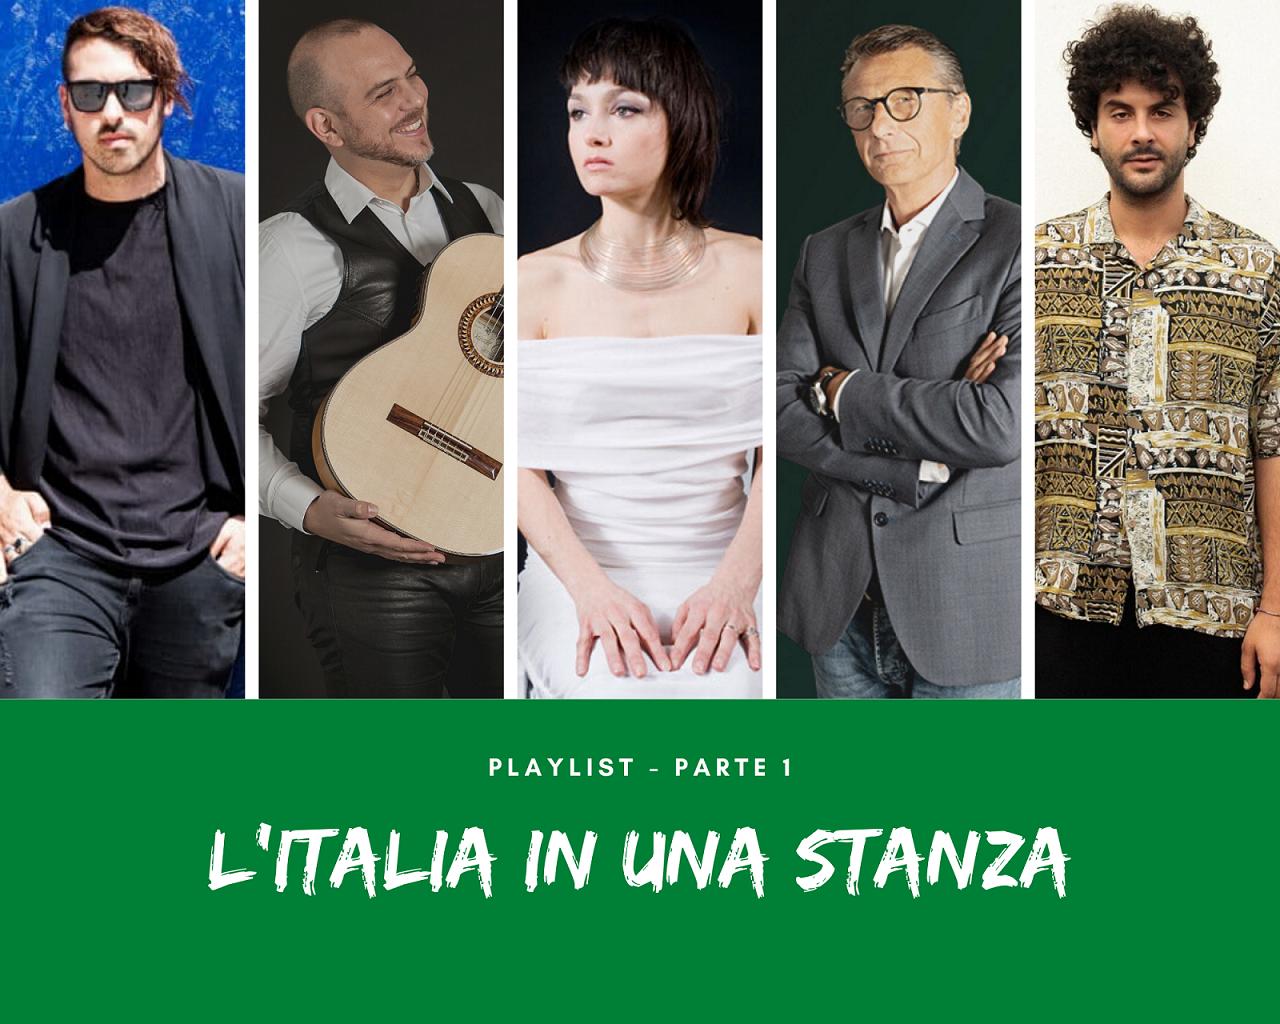 L'Italia in una stanza, ecco la playlist 'Parte 1' con gli artisti dell'evento